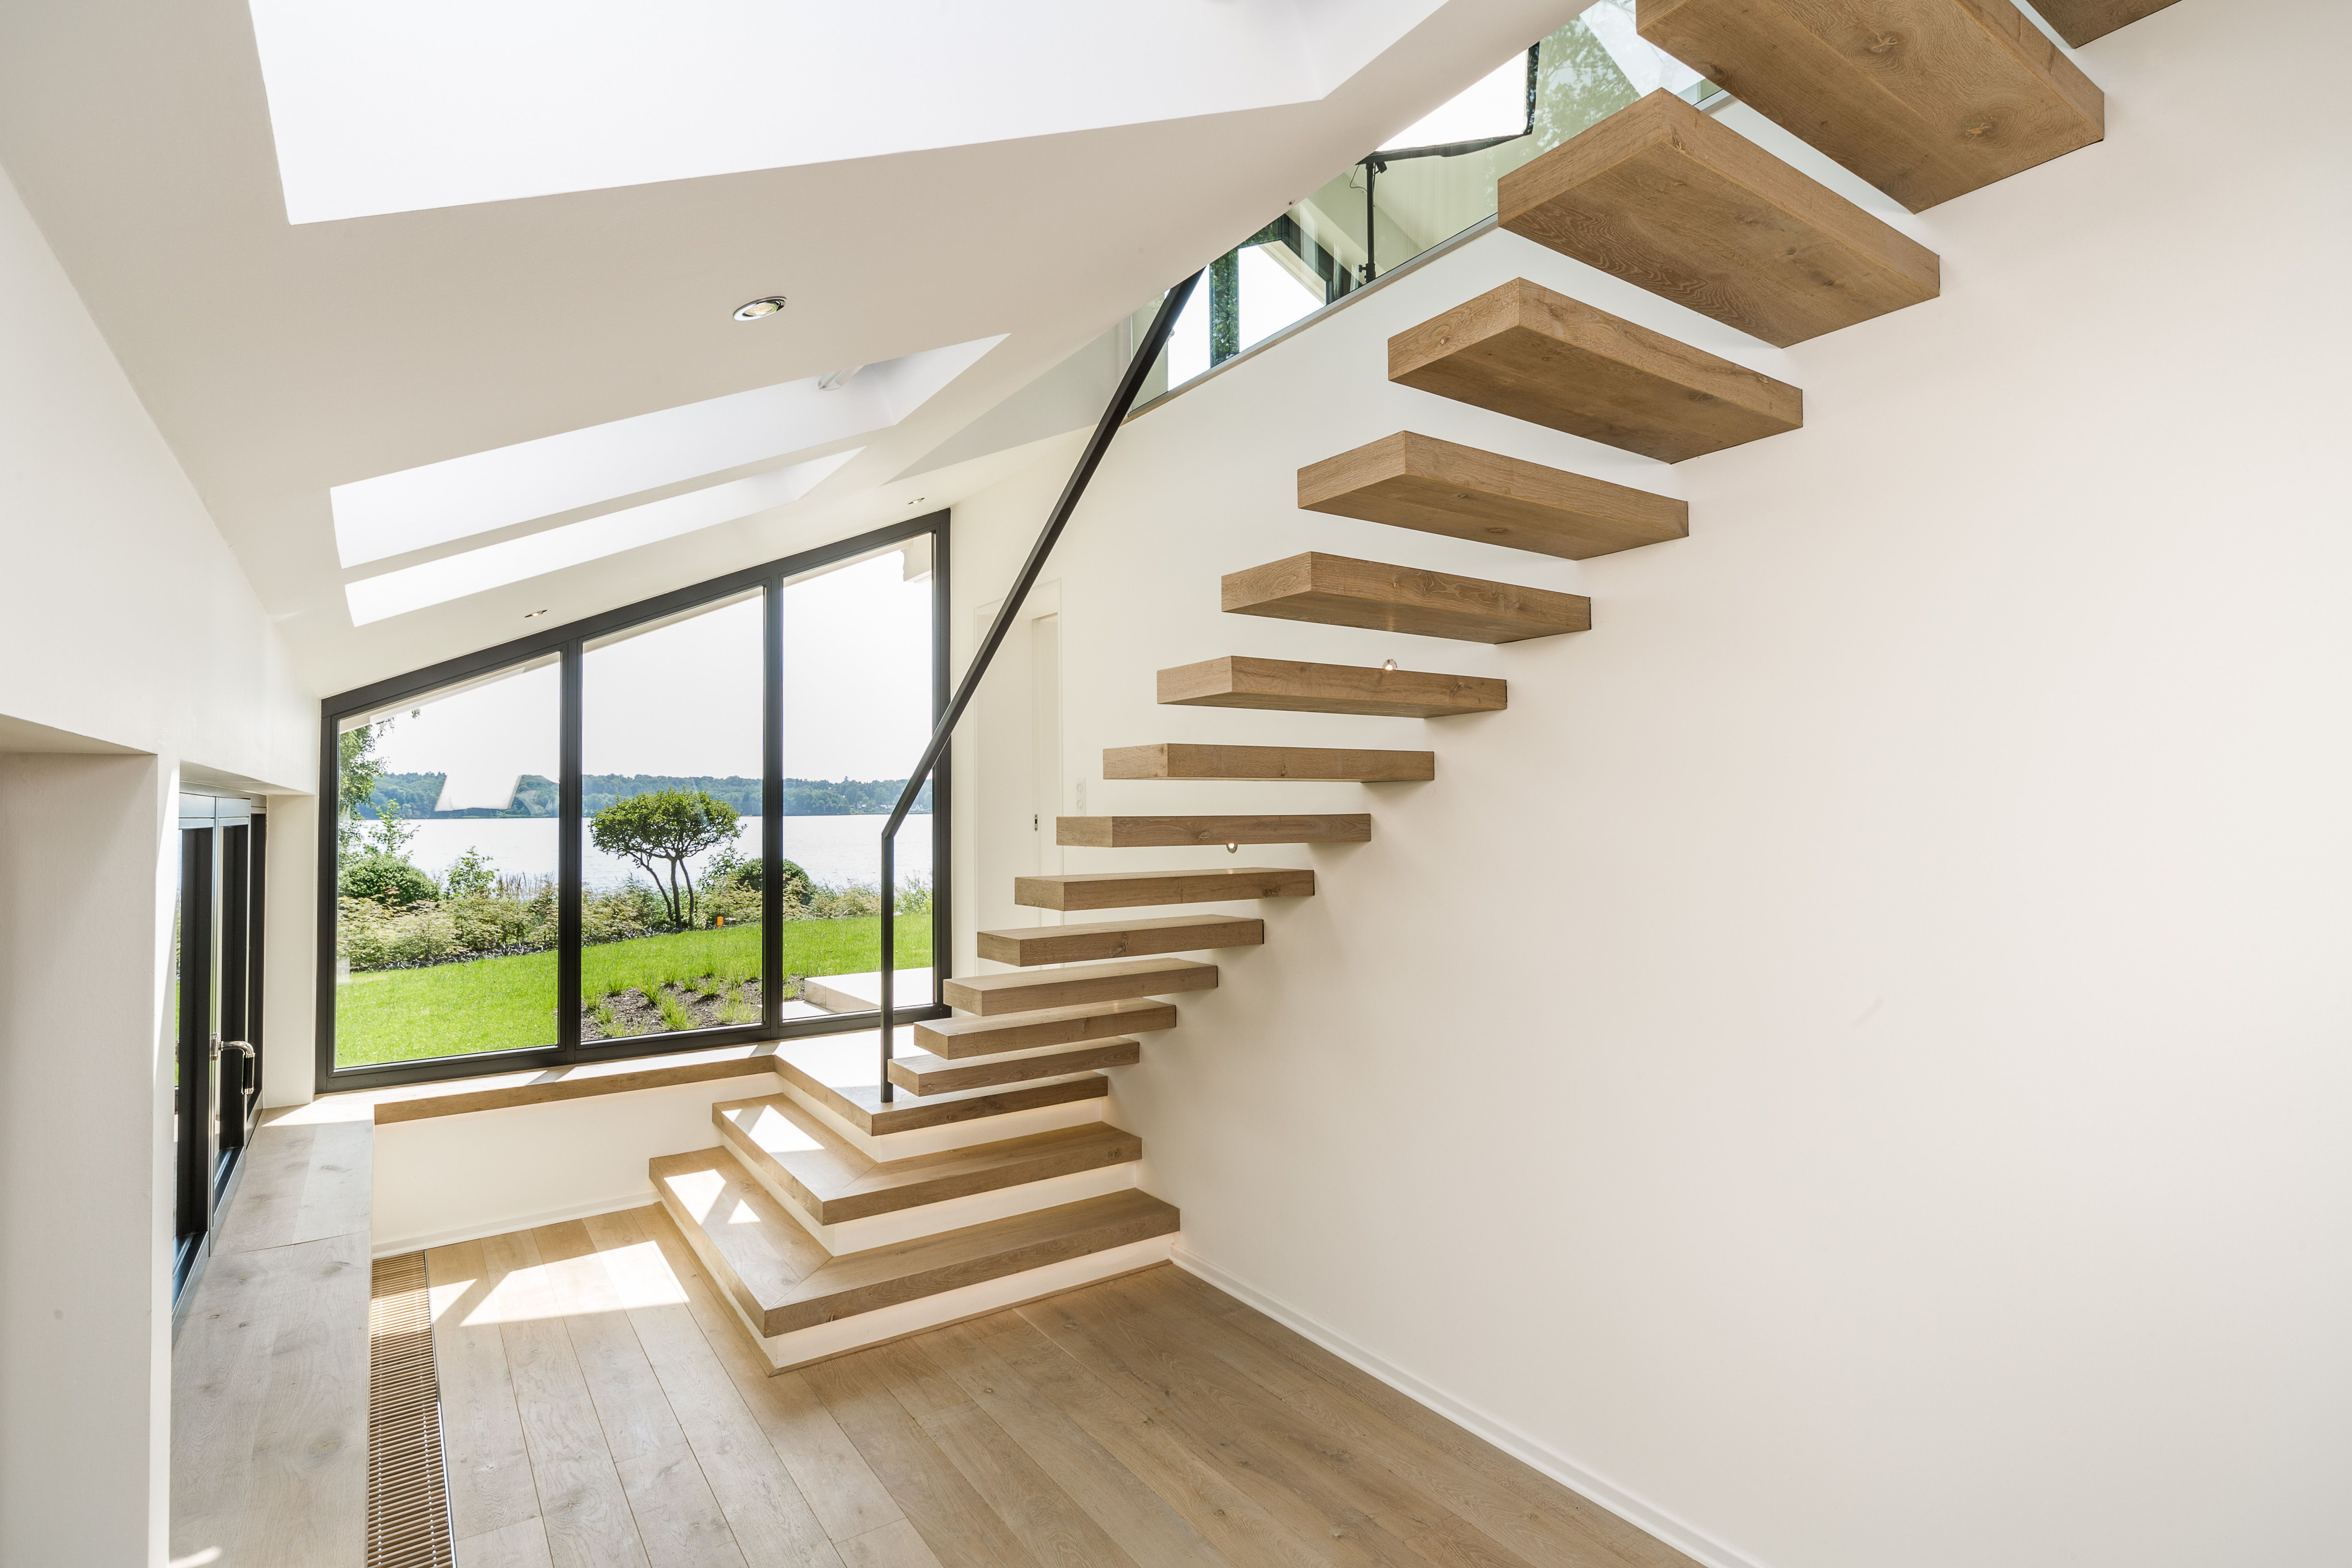 herzlichen gl ckwunsch treppenbau vo zur treppe des jahres 2015 in der kategorie moderne mehr. Black Bedroom Furniture Sets. Home Design Ideas